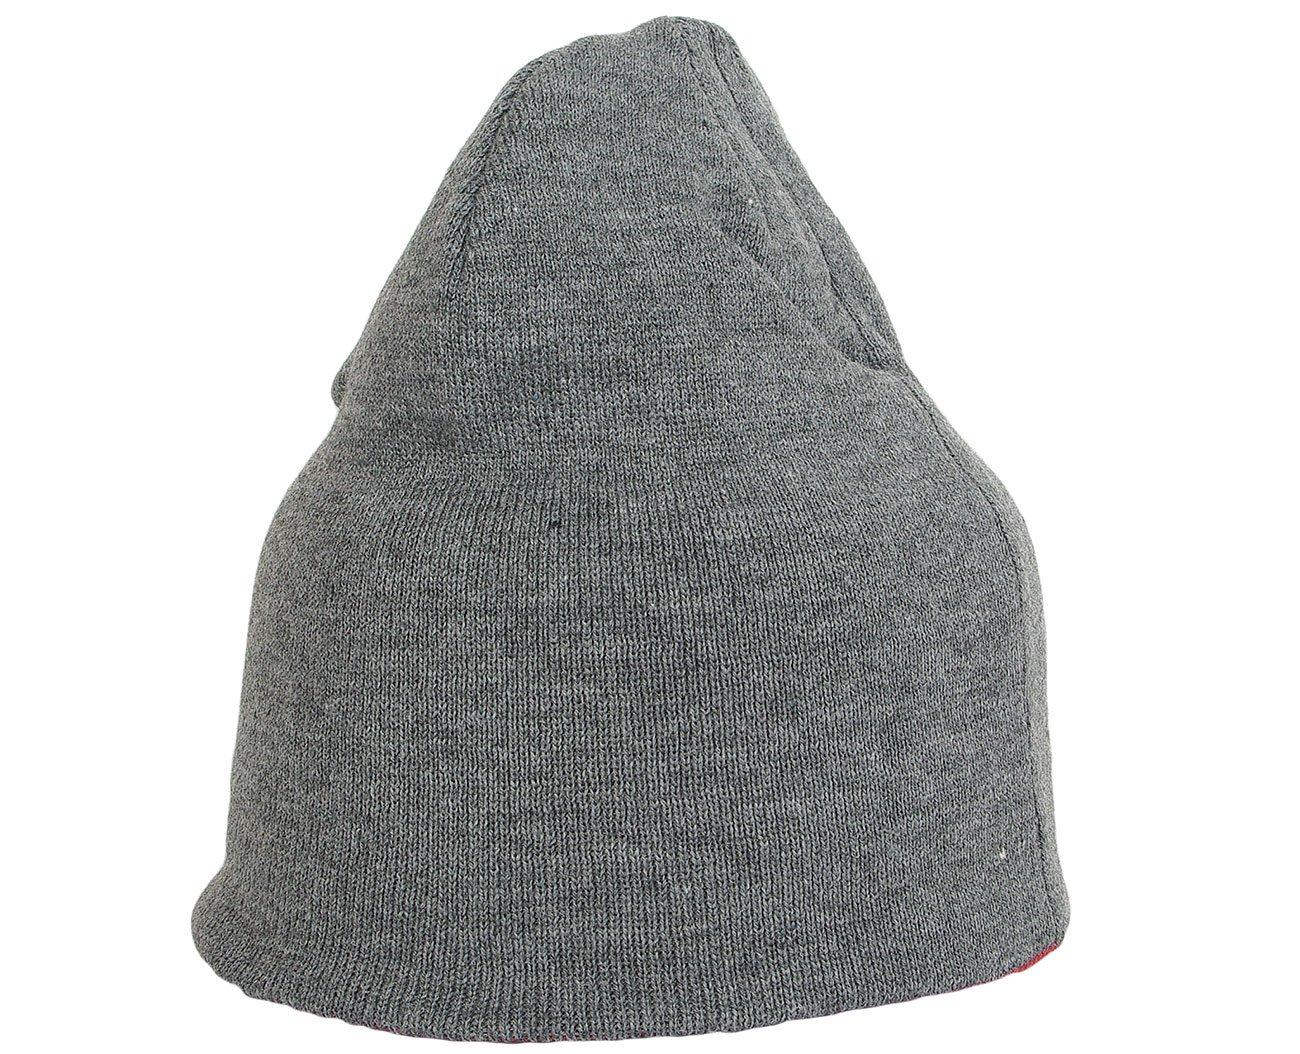 Mess 2356 Grigio/Rosso czapka